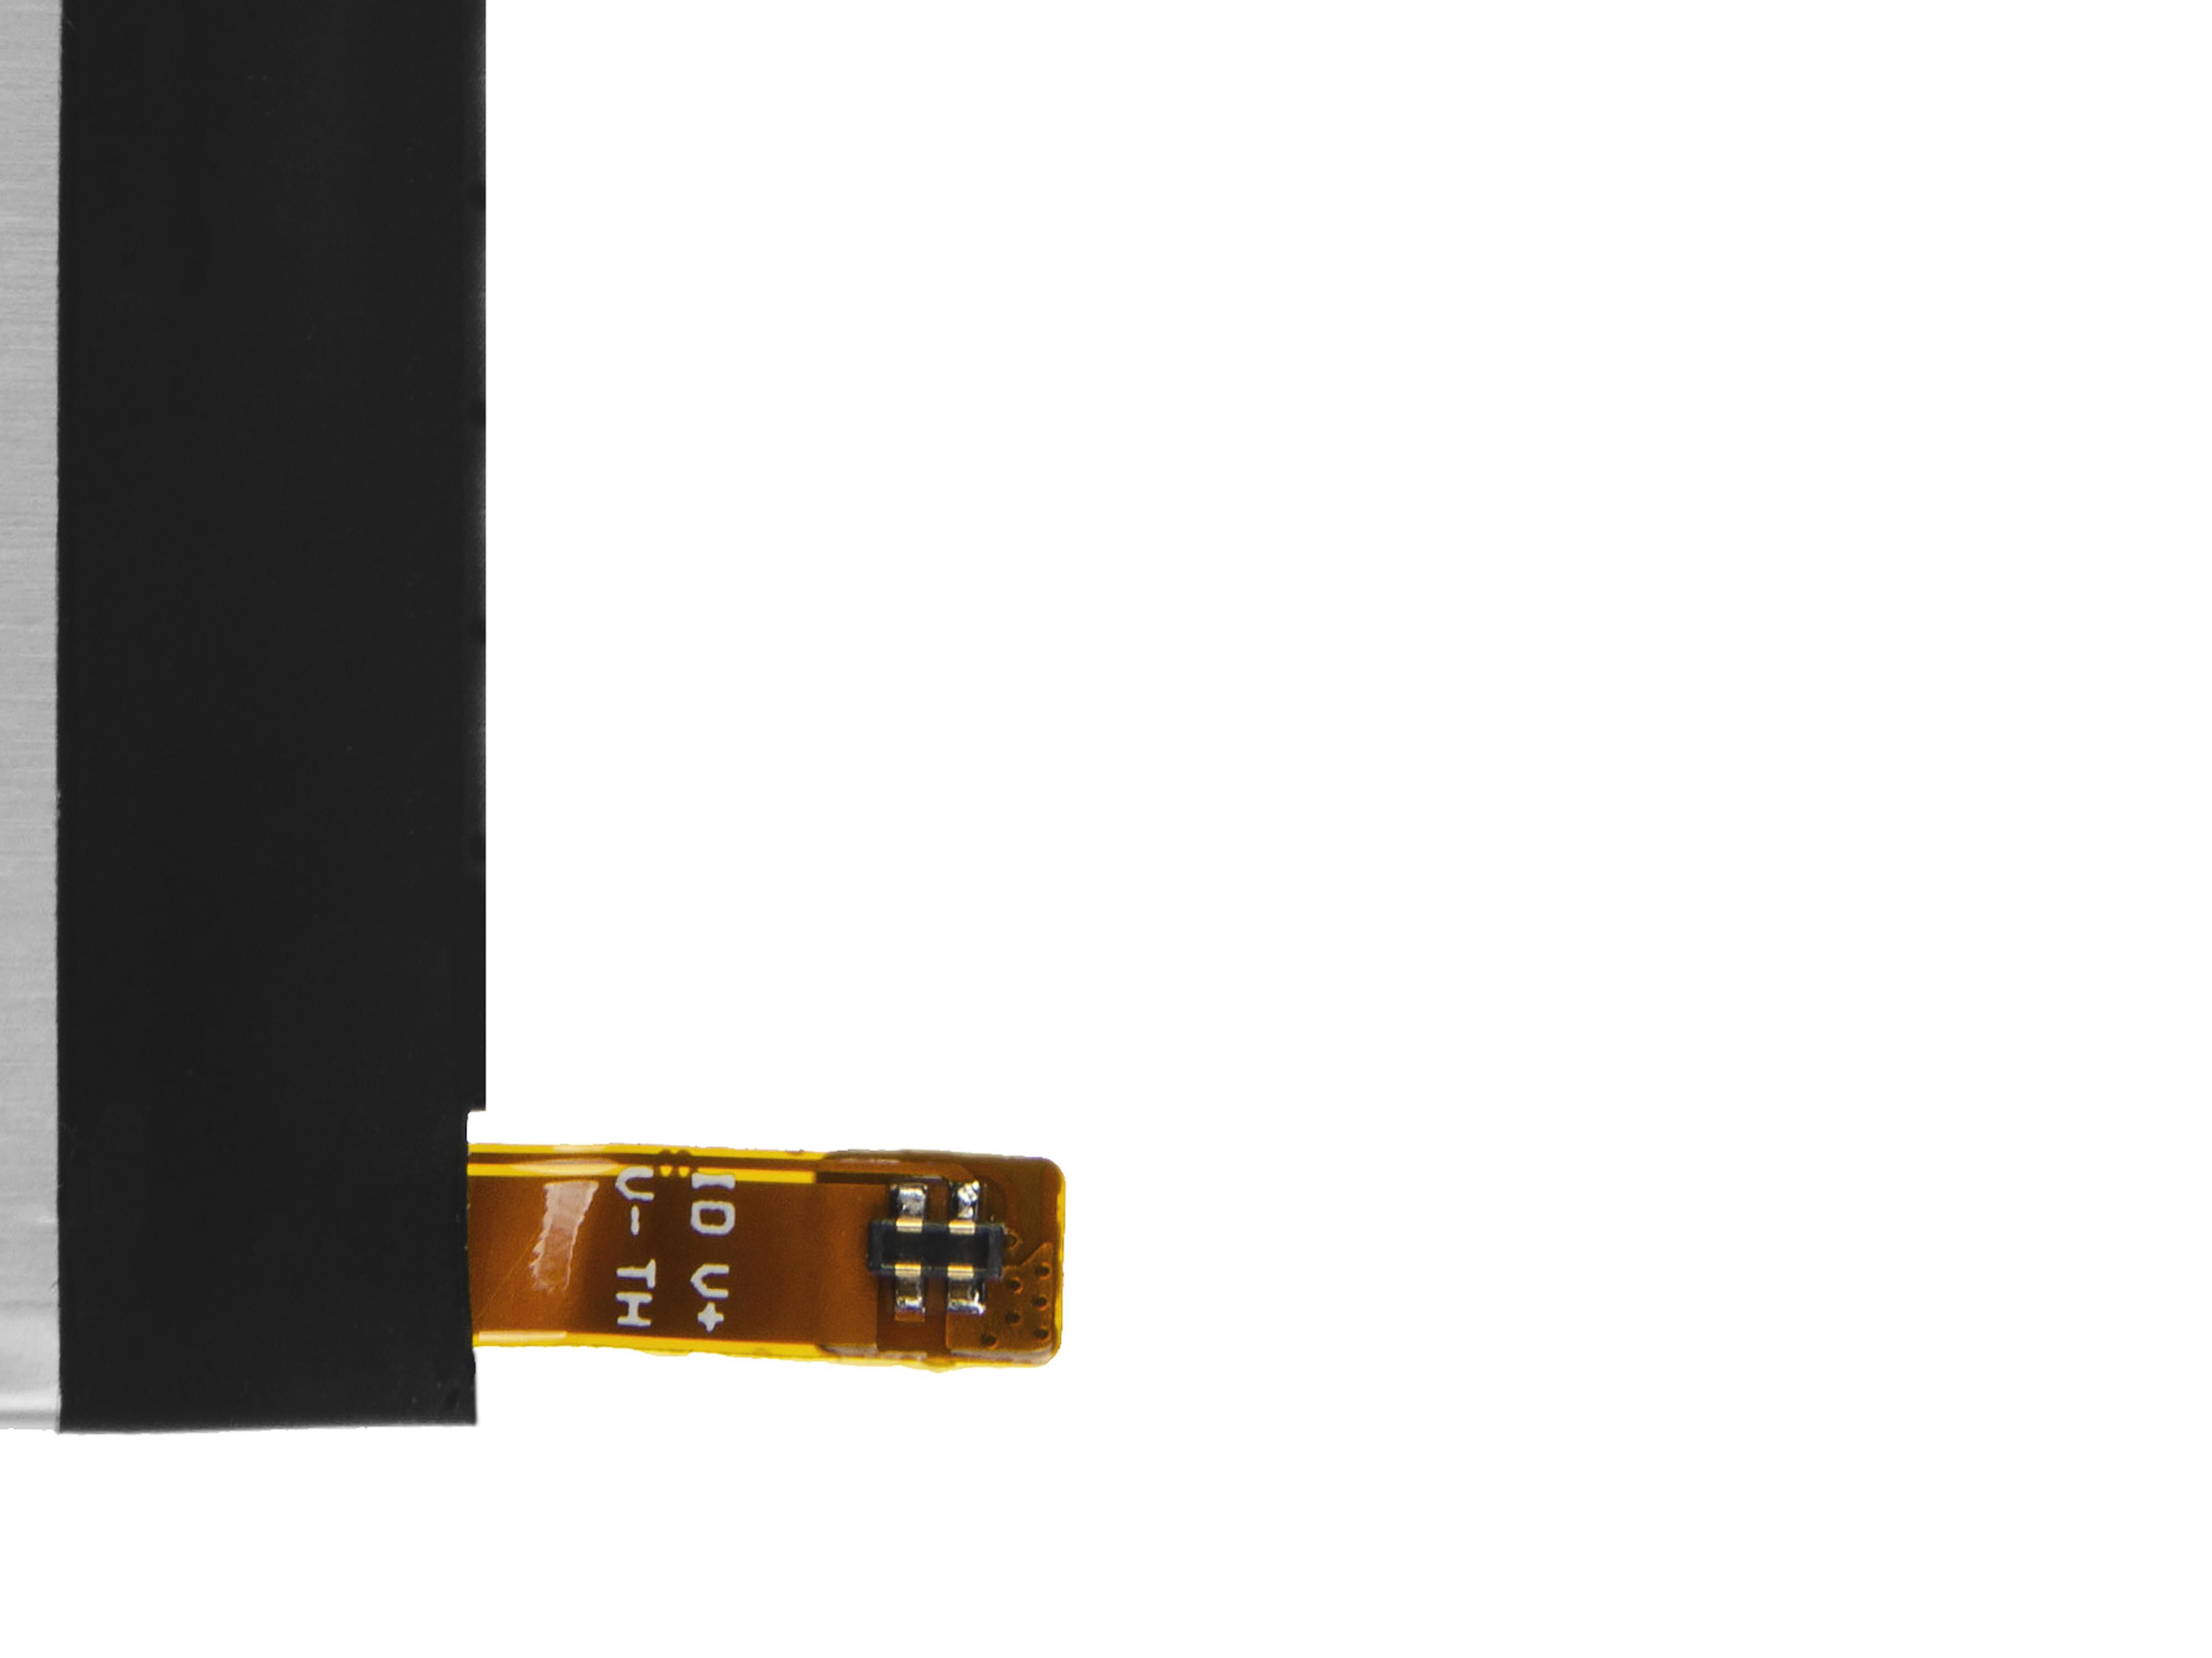 Batteri BL-T24 för LG X Power K220